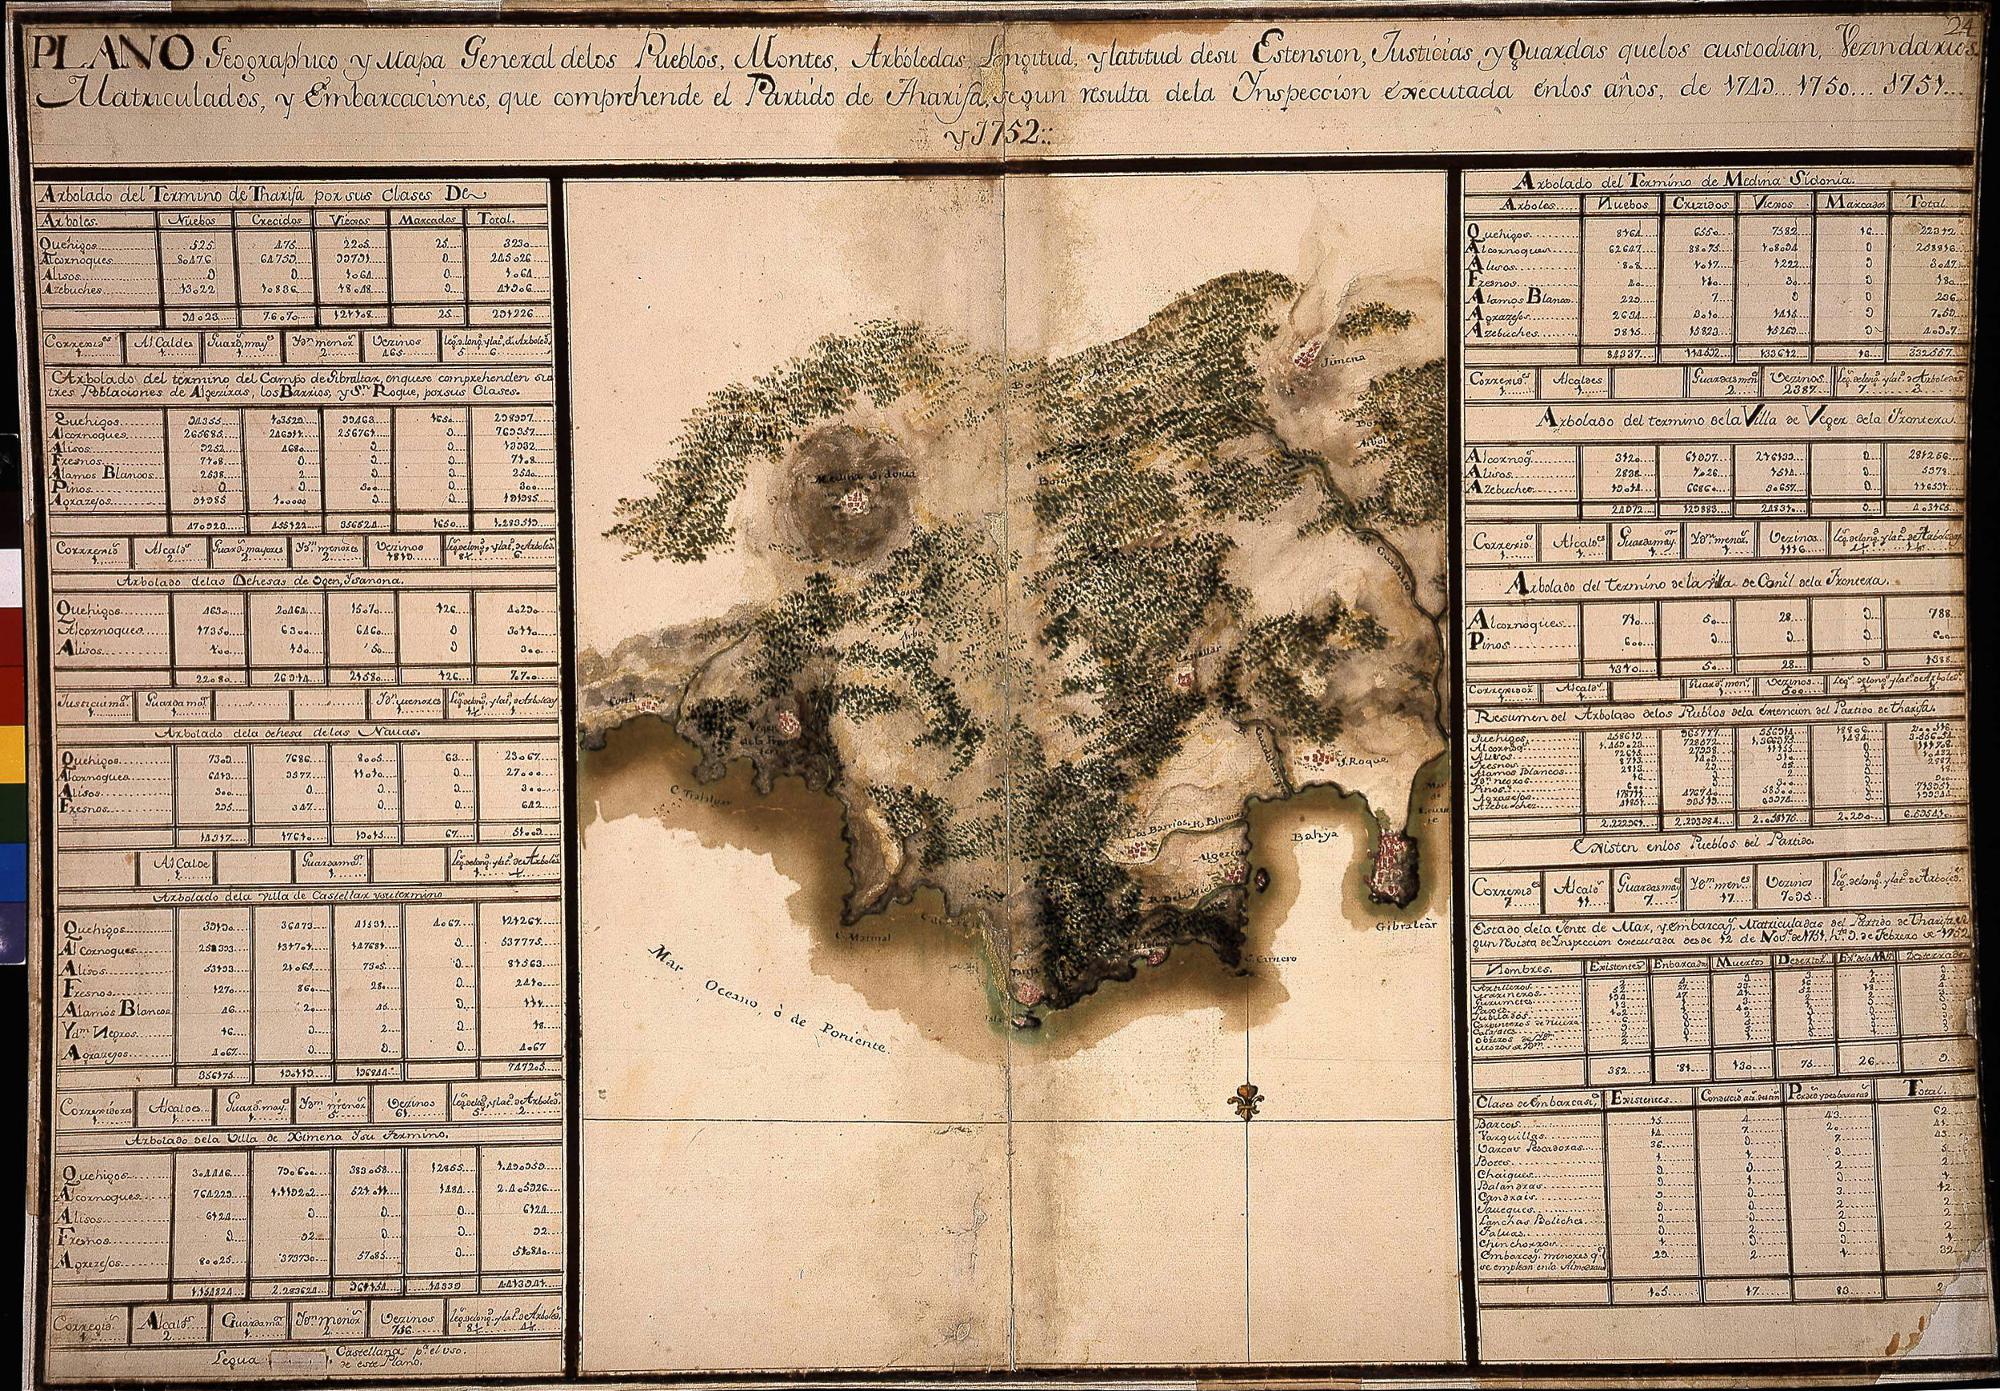 CADIZ MERIDIONAL (Provincia). Mapas generales. 1:538000. 1749 (1756)